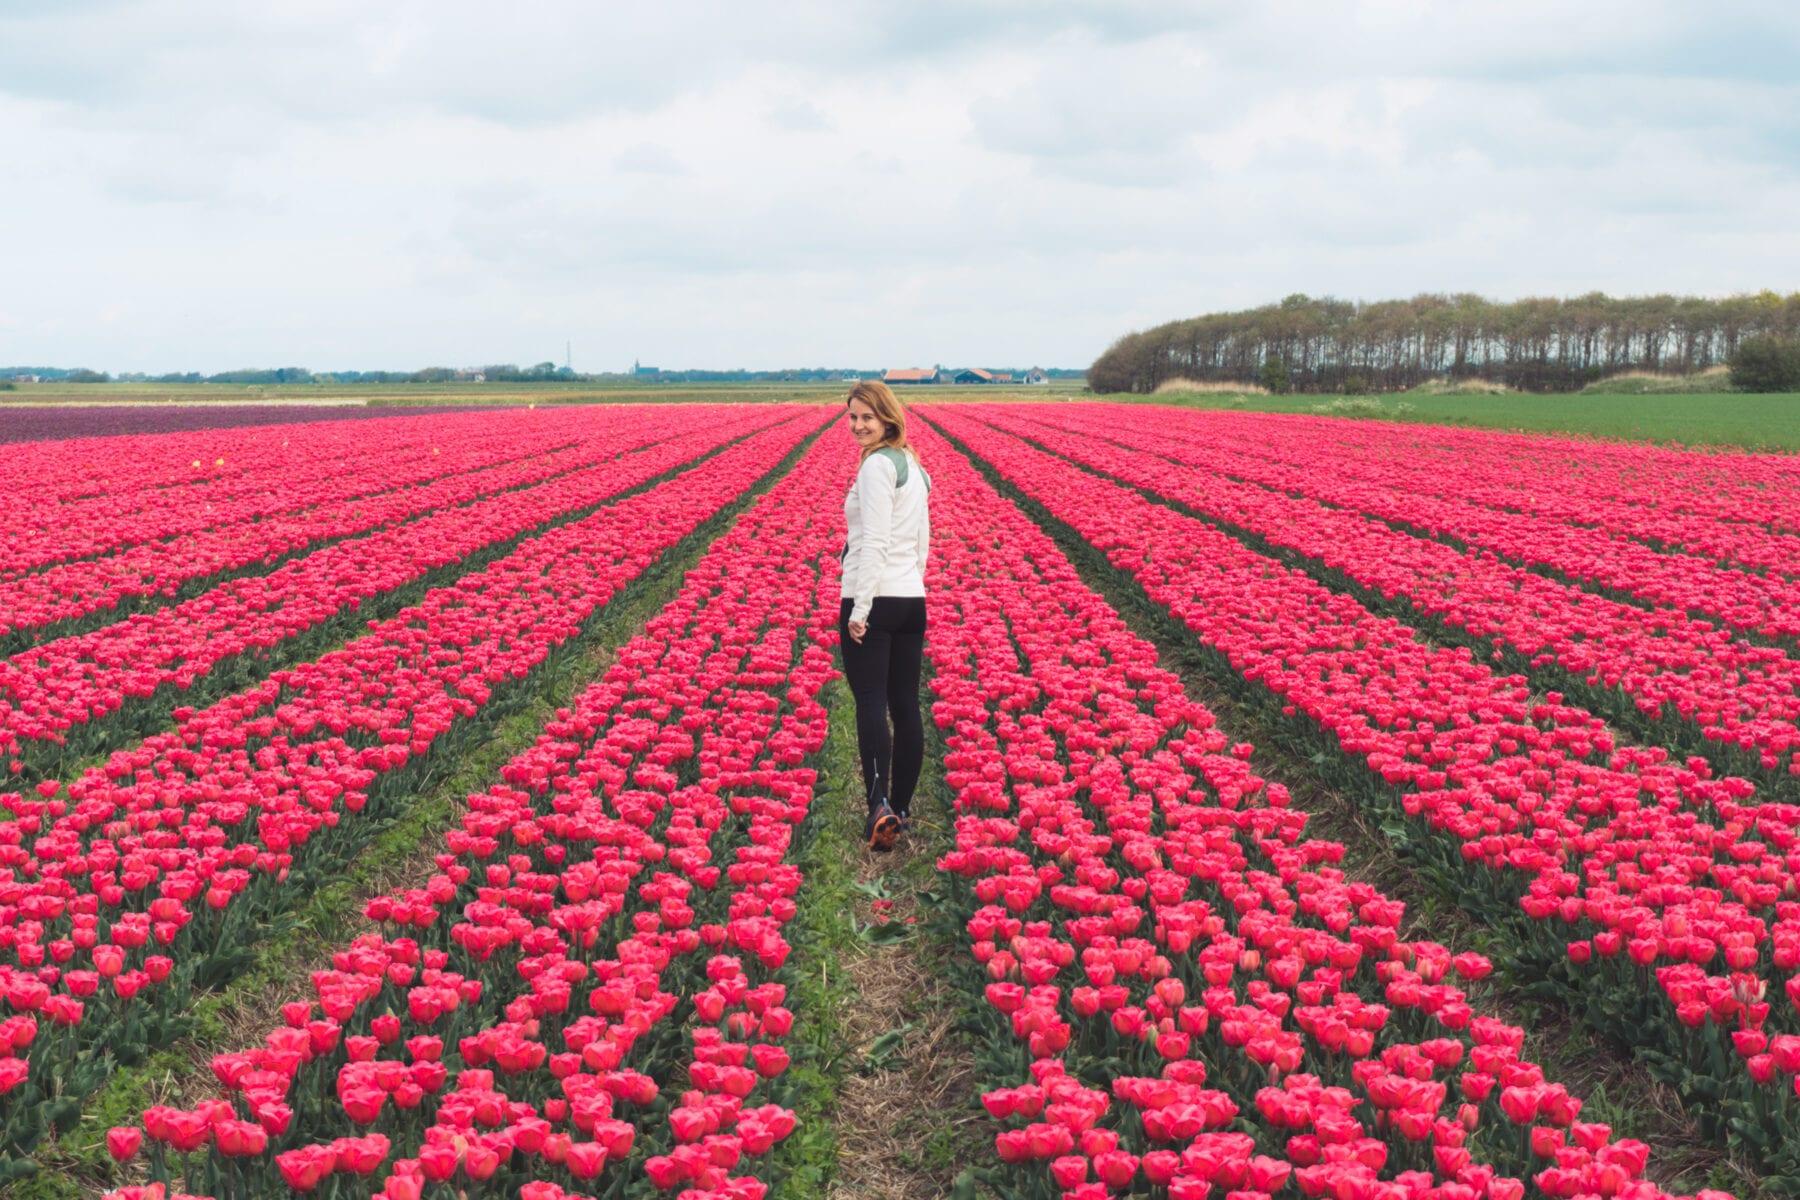 Vakantie naar Texel tulpen